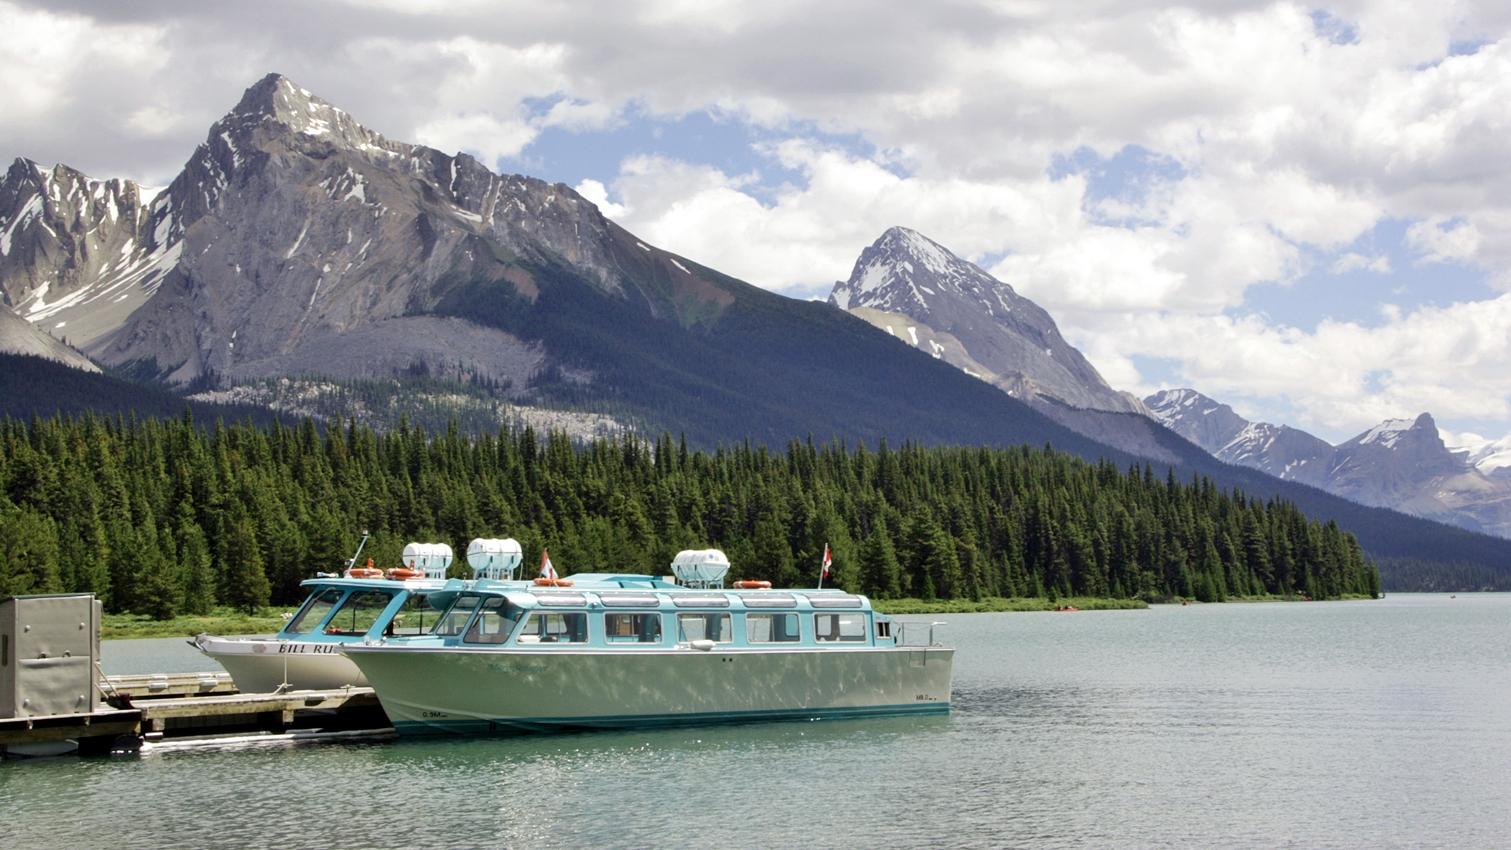 Die Bootsanlegestelle vom Maligne Lake